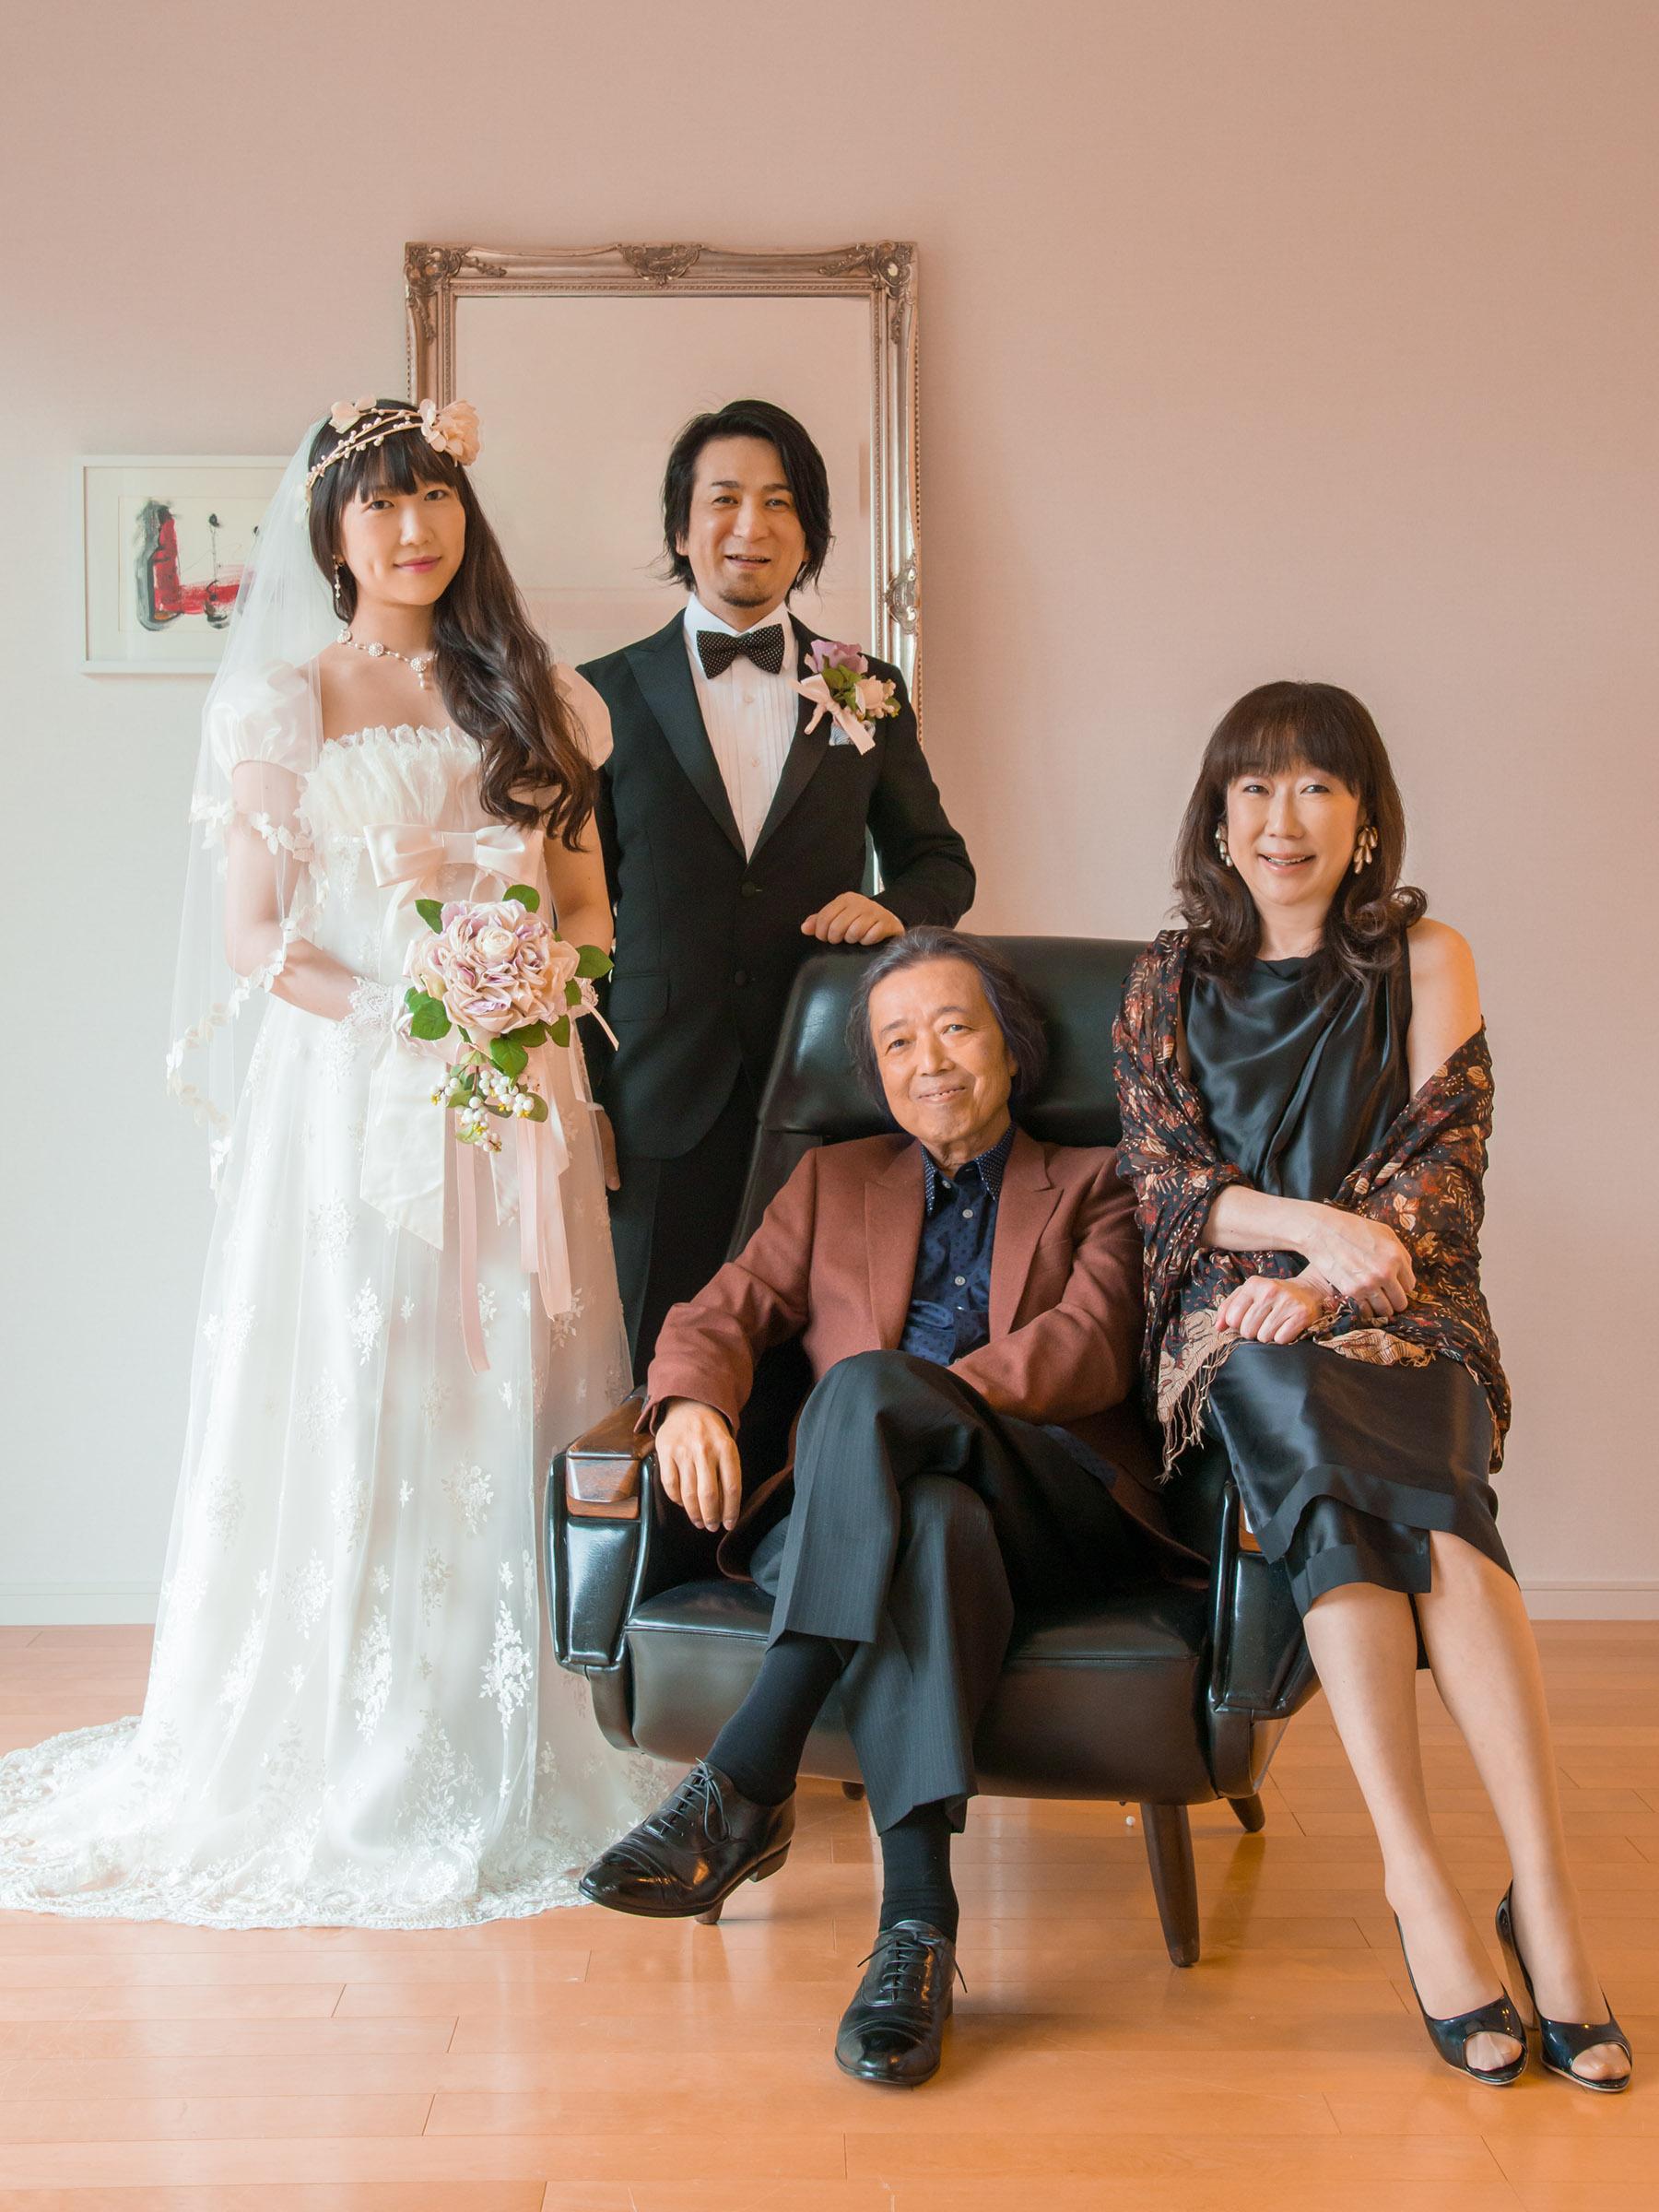 ドレスマニアブログ 家族 ウェディング写真